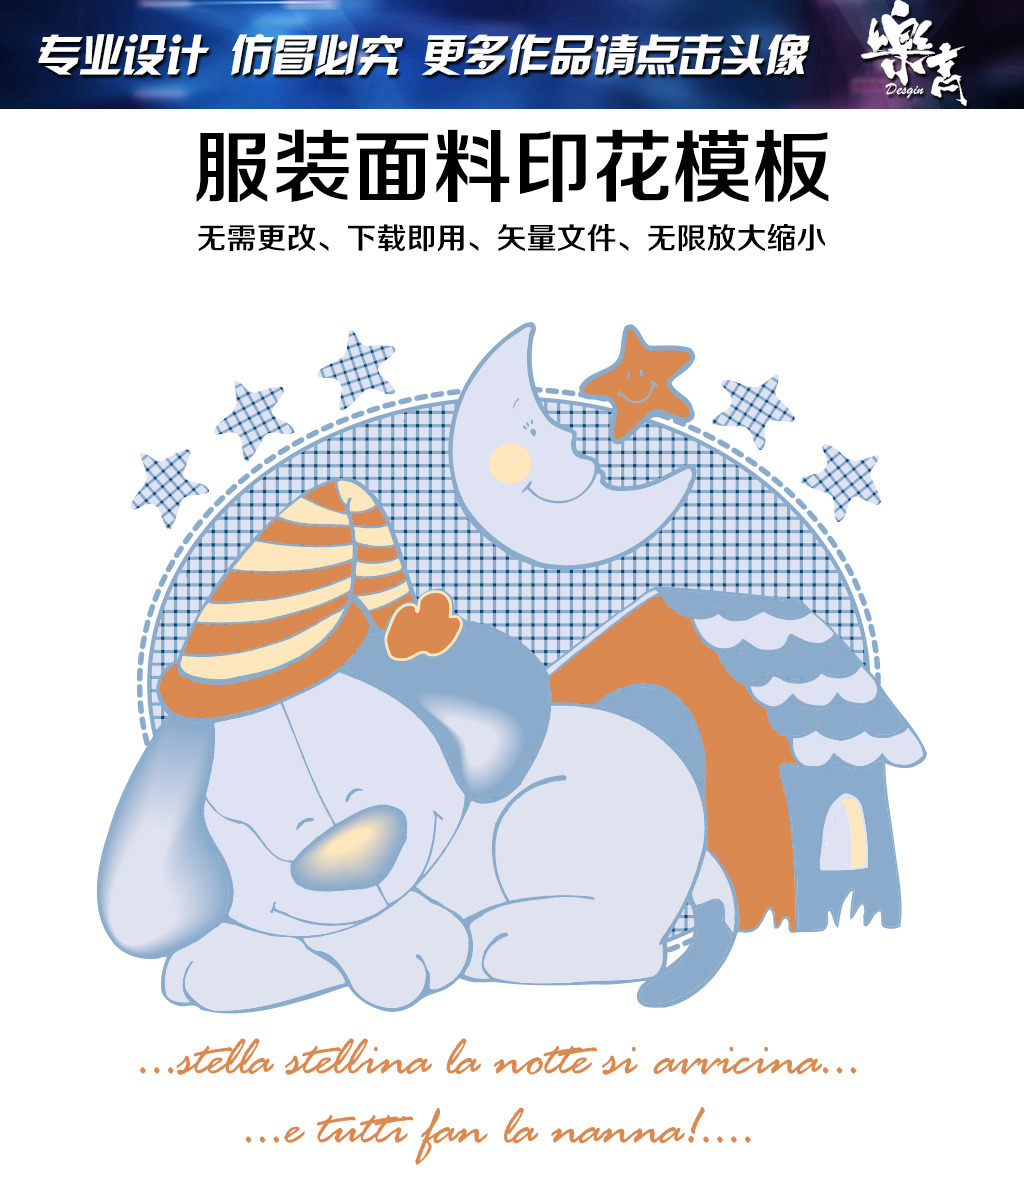 童装印花图案模板 童装印花图案卡通素材 矢量图 小熊 北极熊 犀牛 狮